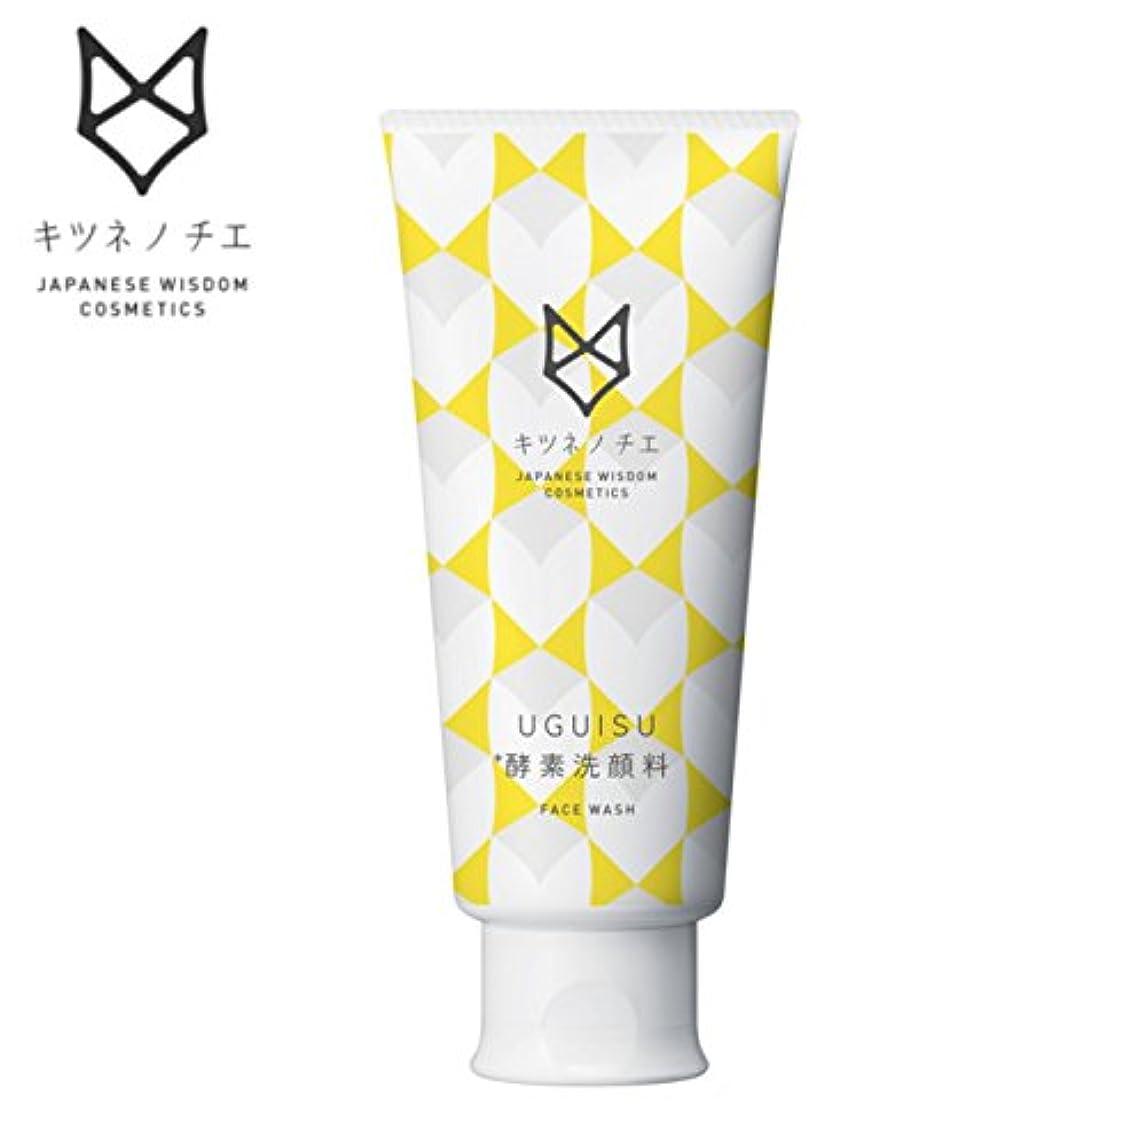 虚栄心クリエイティブリクルートキツネノチエ UGUISU 酵素洗顔料 W70xD40xH155mm